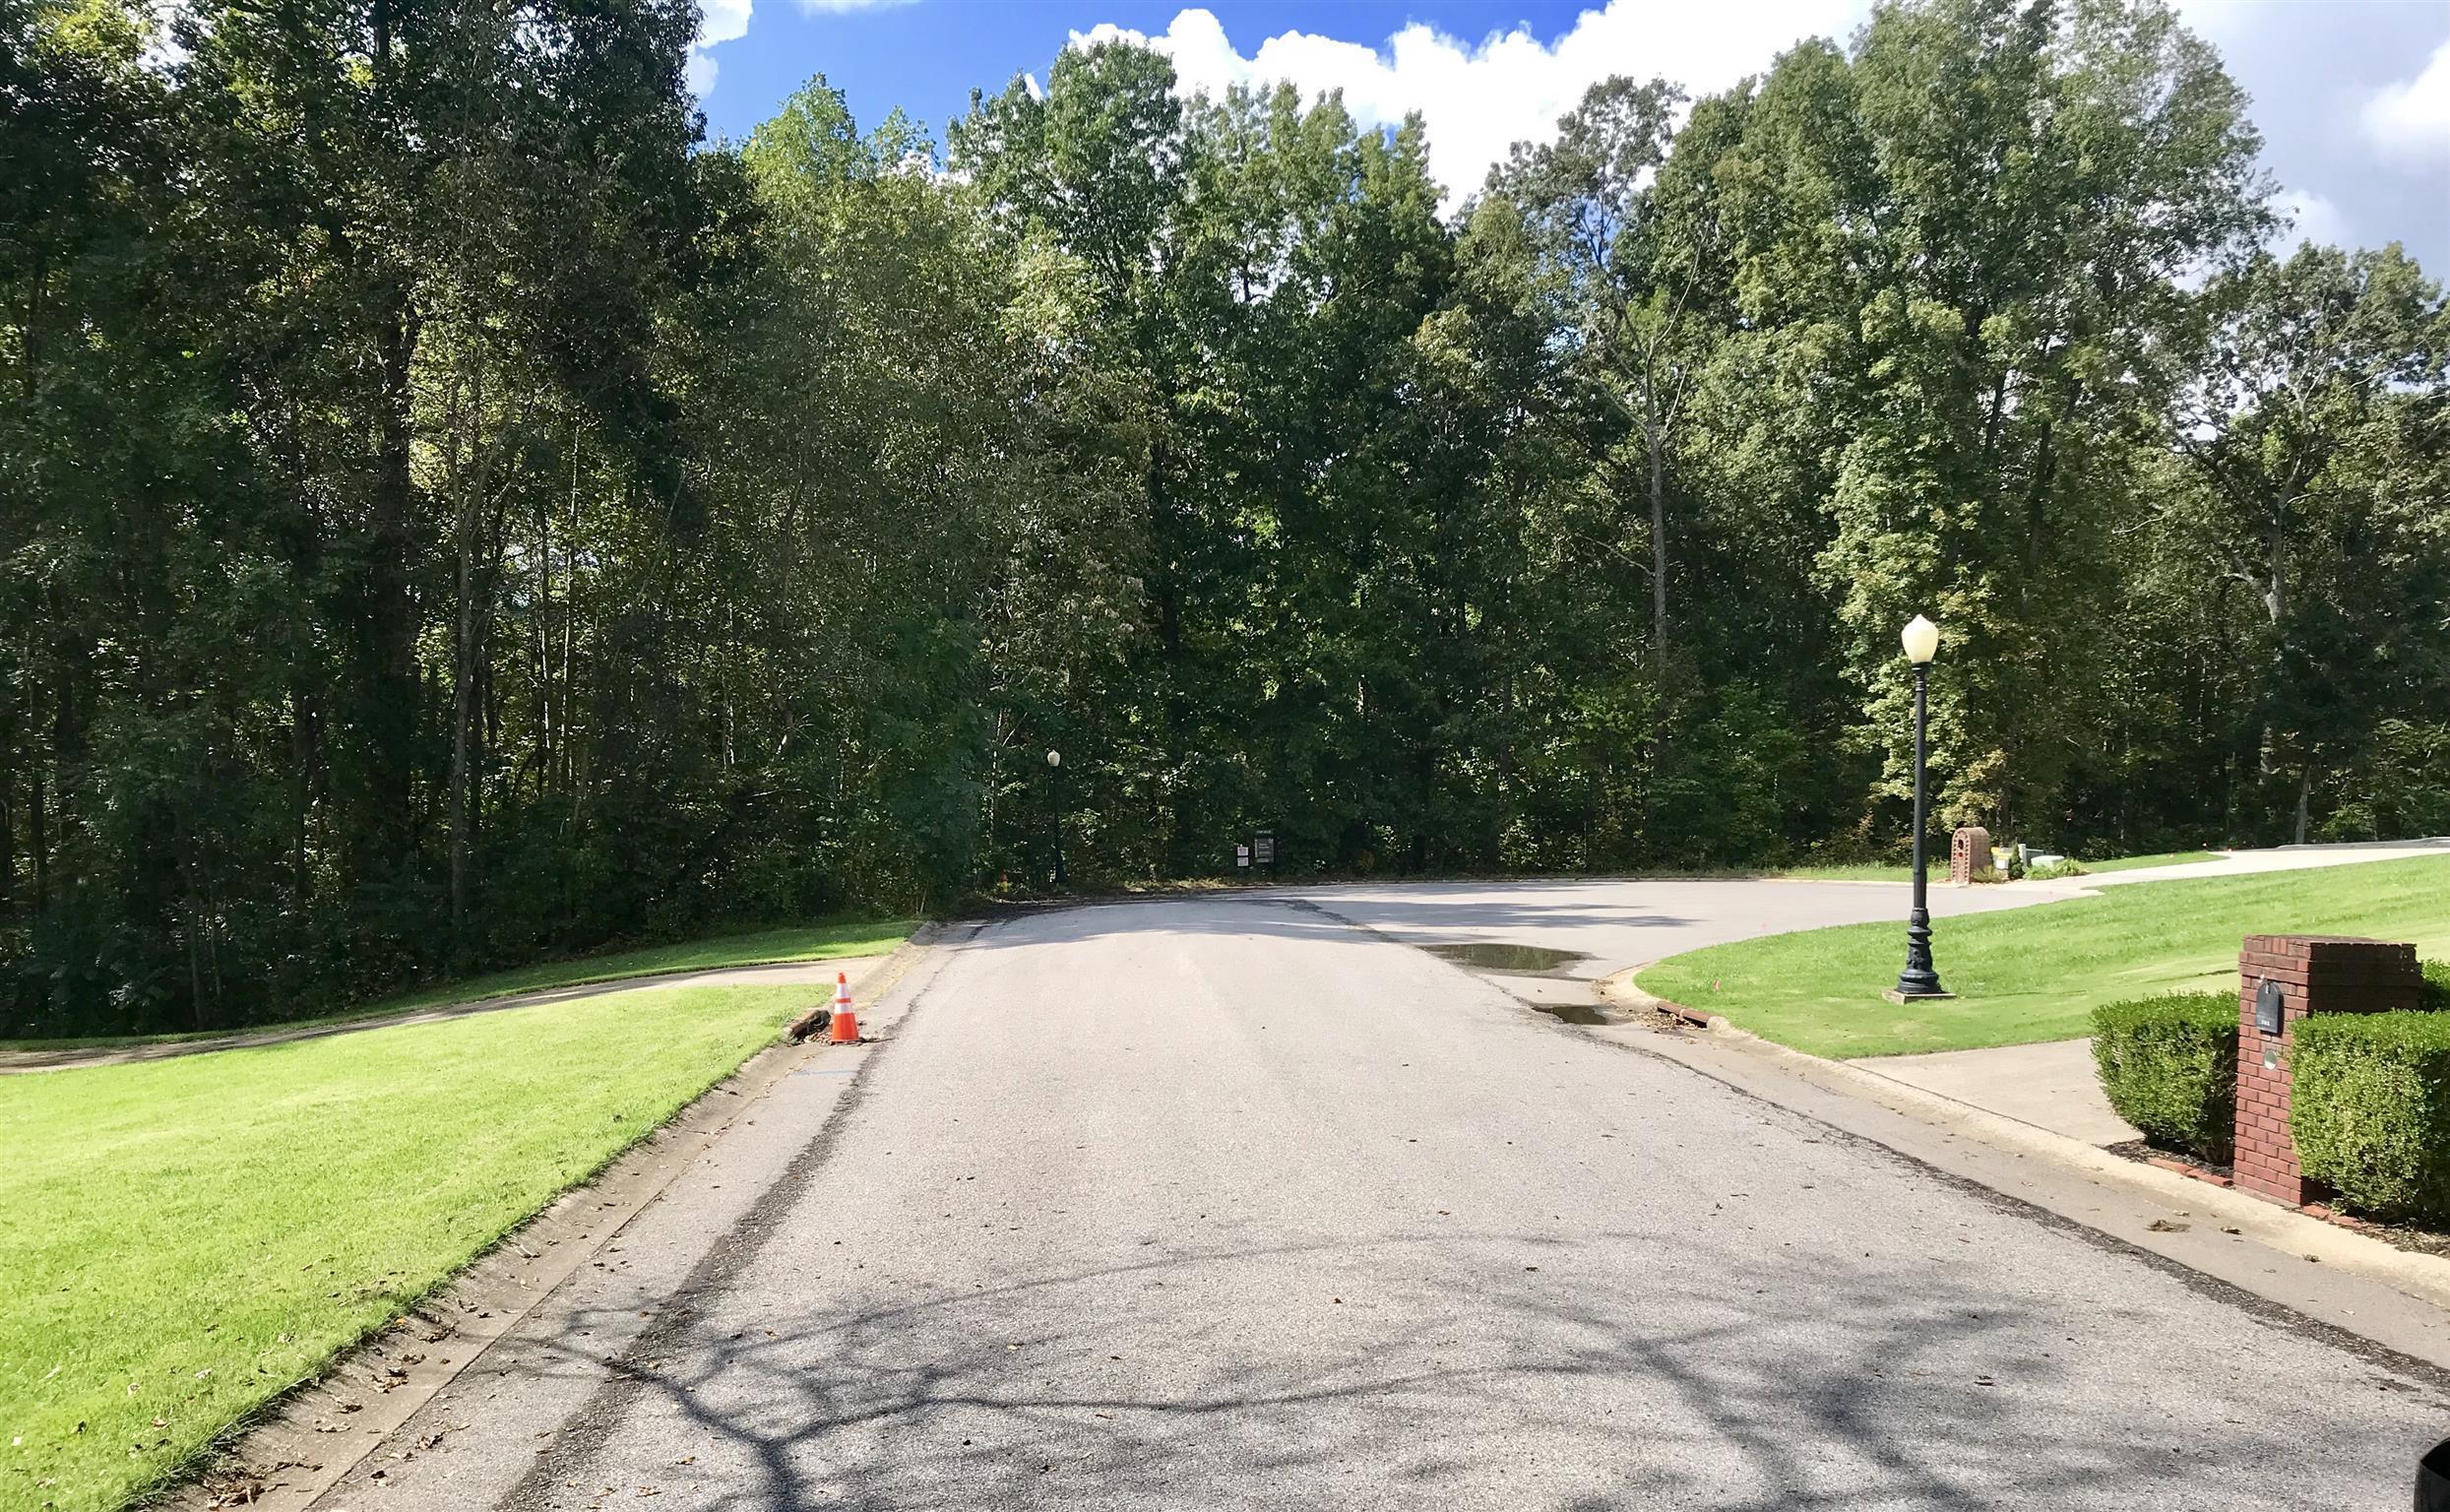 809 Heatherhurst Ct, Clarksville, TN 37043 - Clarksville, TN real estate listing